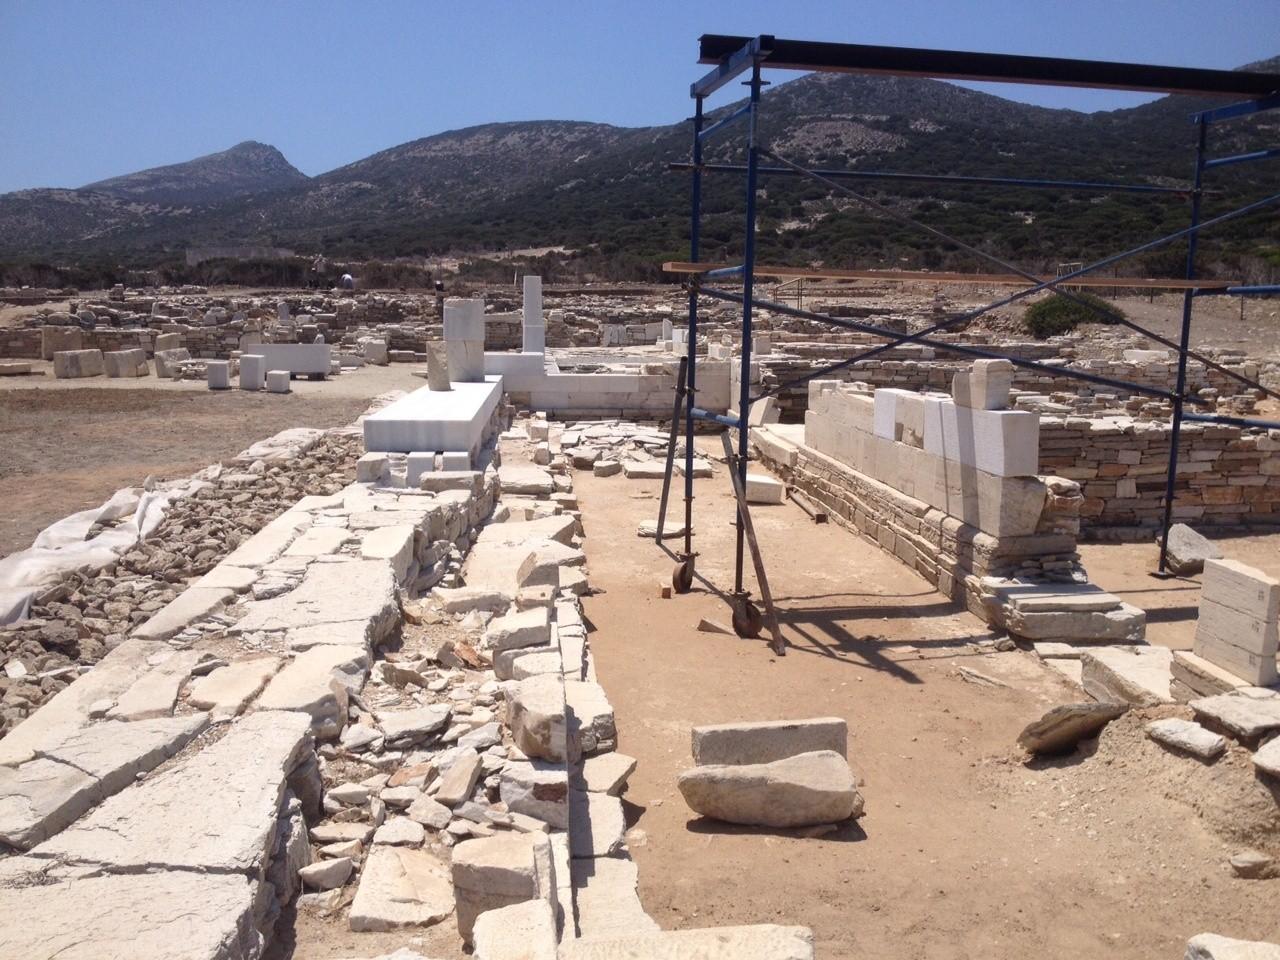 Αναστήλωση του αρχαϊκού ναού του ιερού στο Δεσποτικό